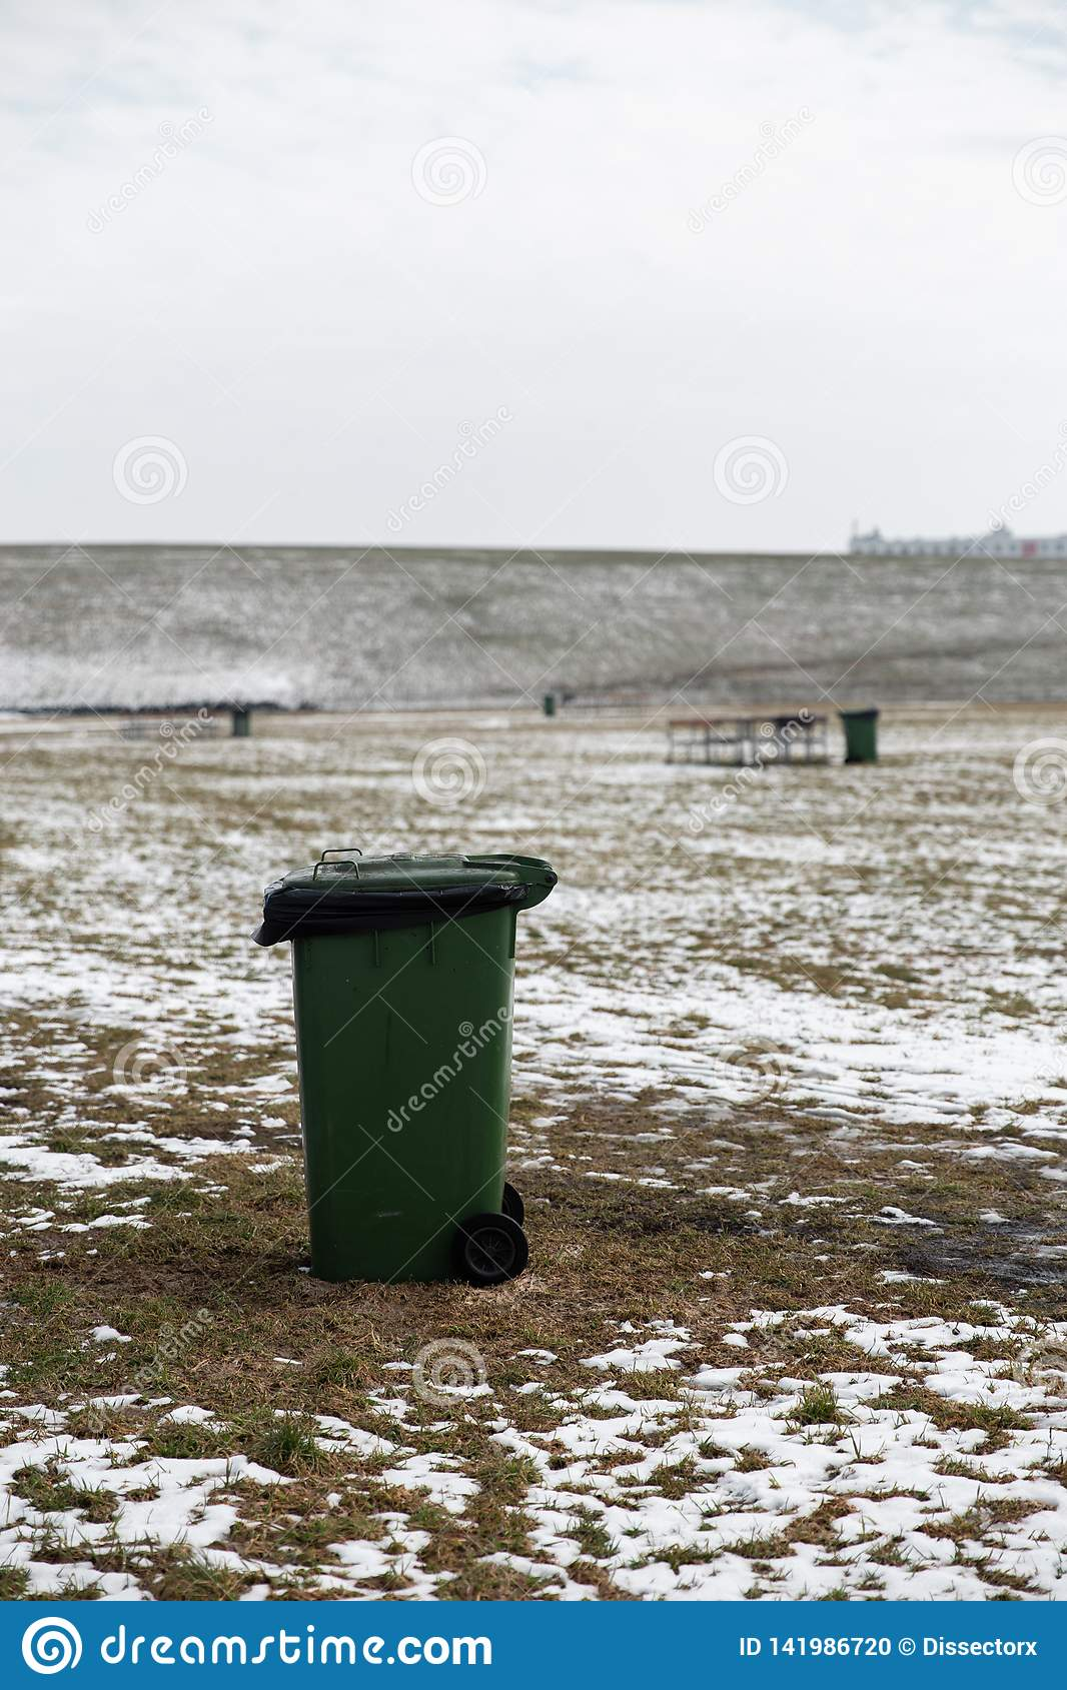 Lege advertentie ruimtevuilnisbak die zich op een picknickgebied bevinden in de Winter